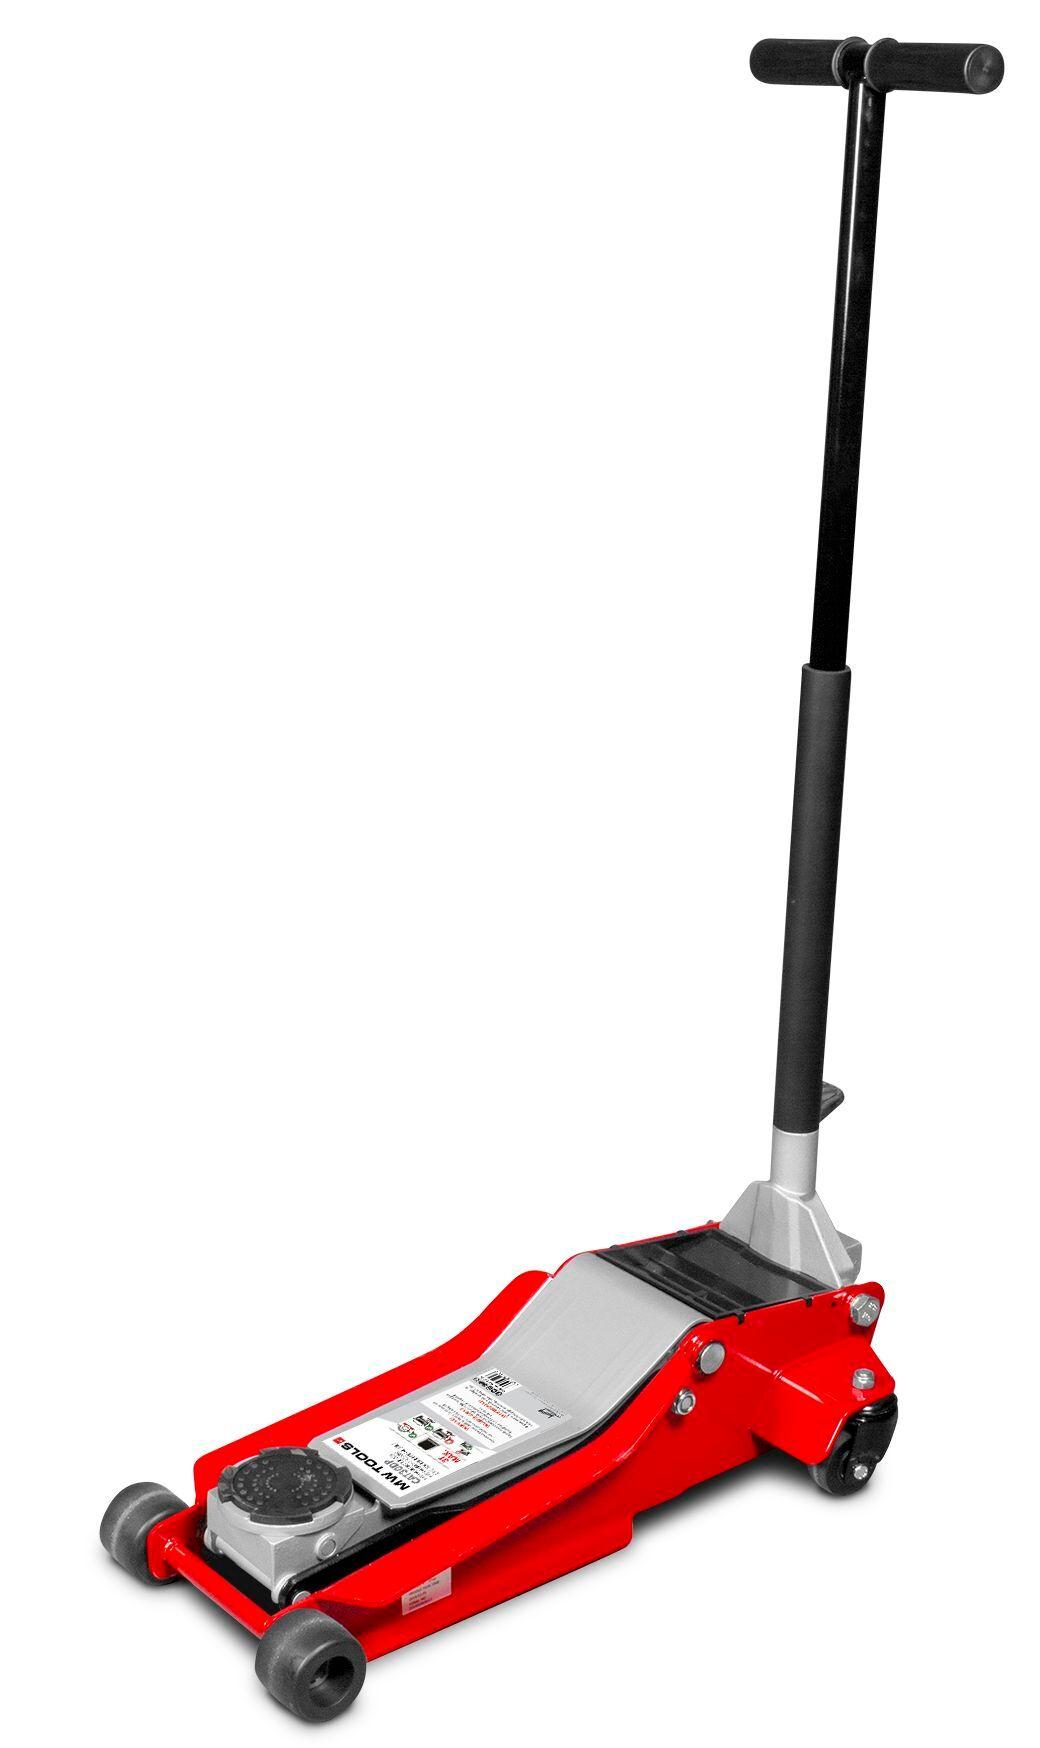 Mw-tools Cric rouleur hydraulique 3 t double pompe et pédale de montée rapide MW-Tools CAT30DP